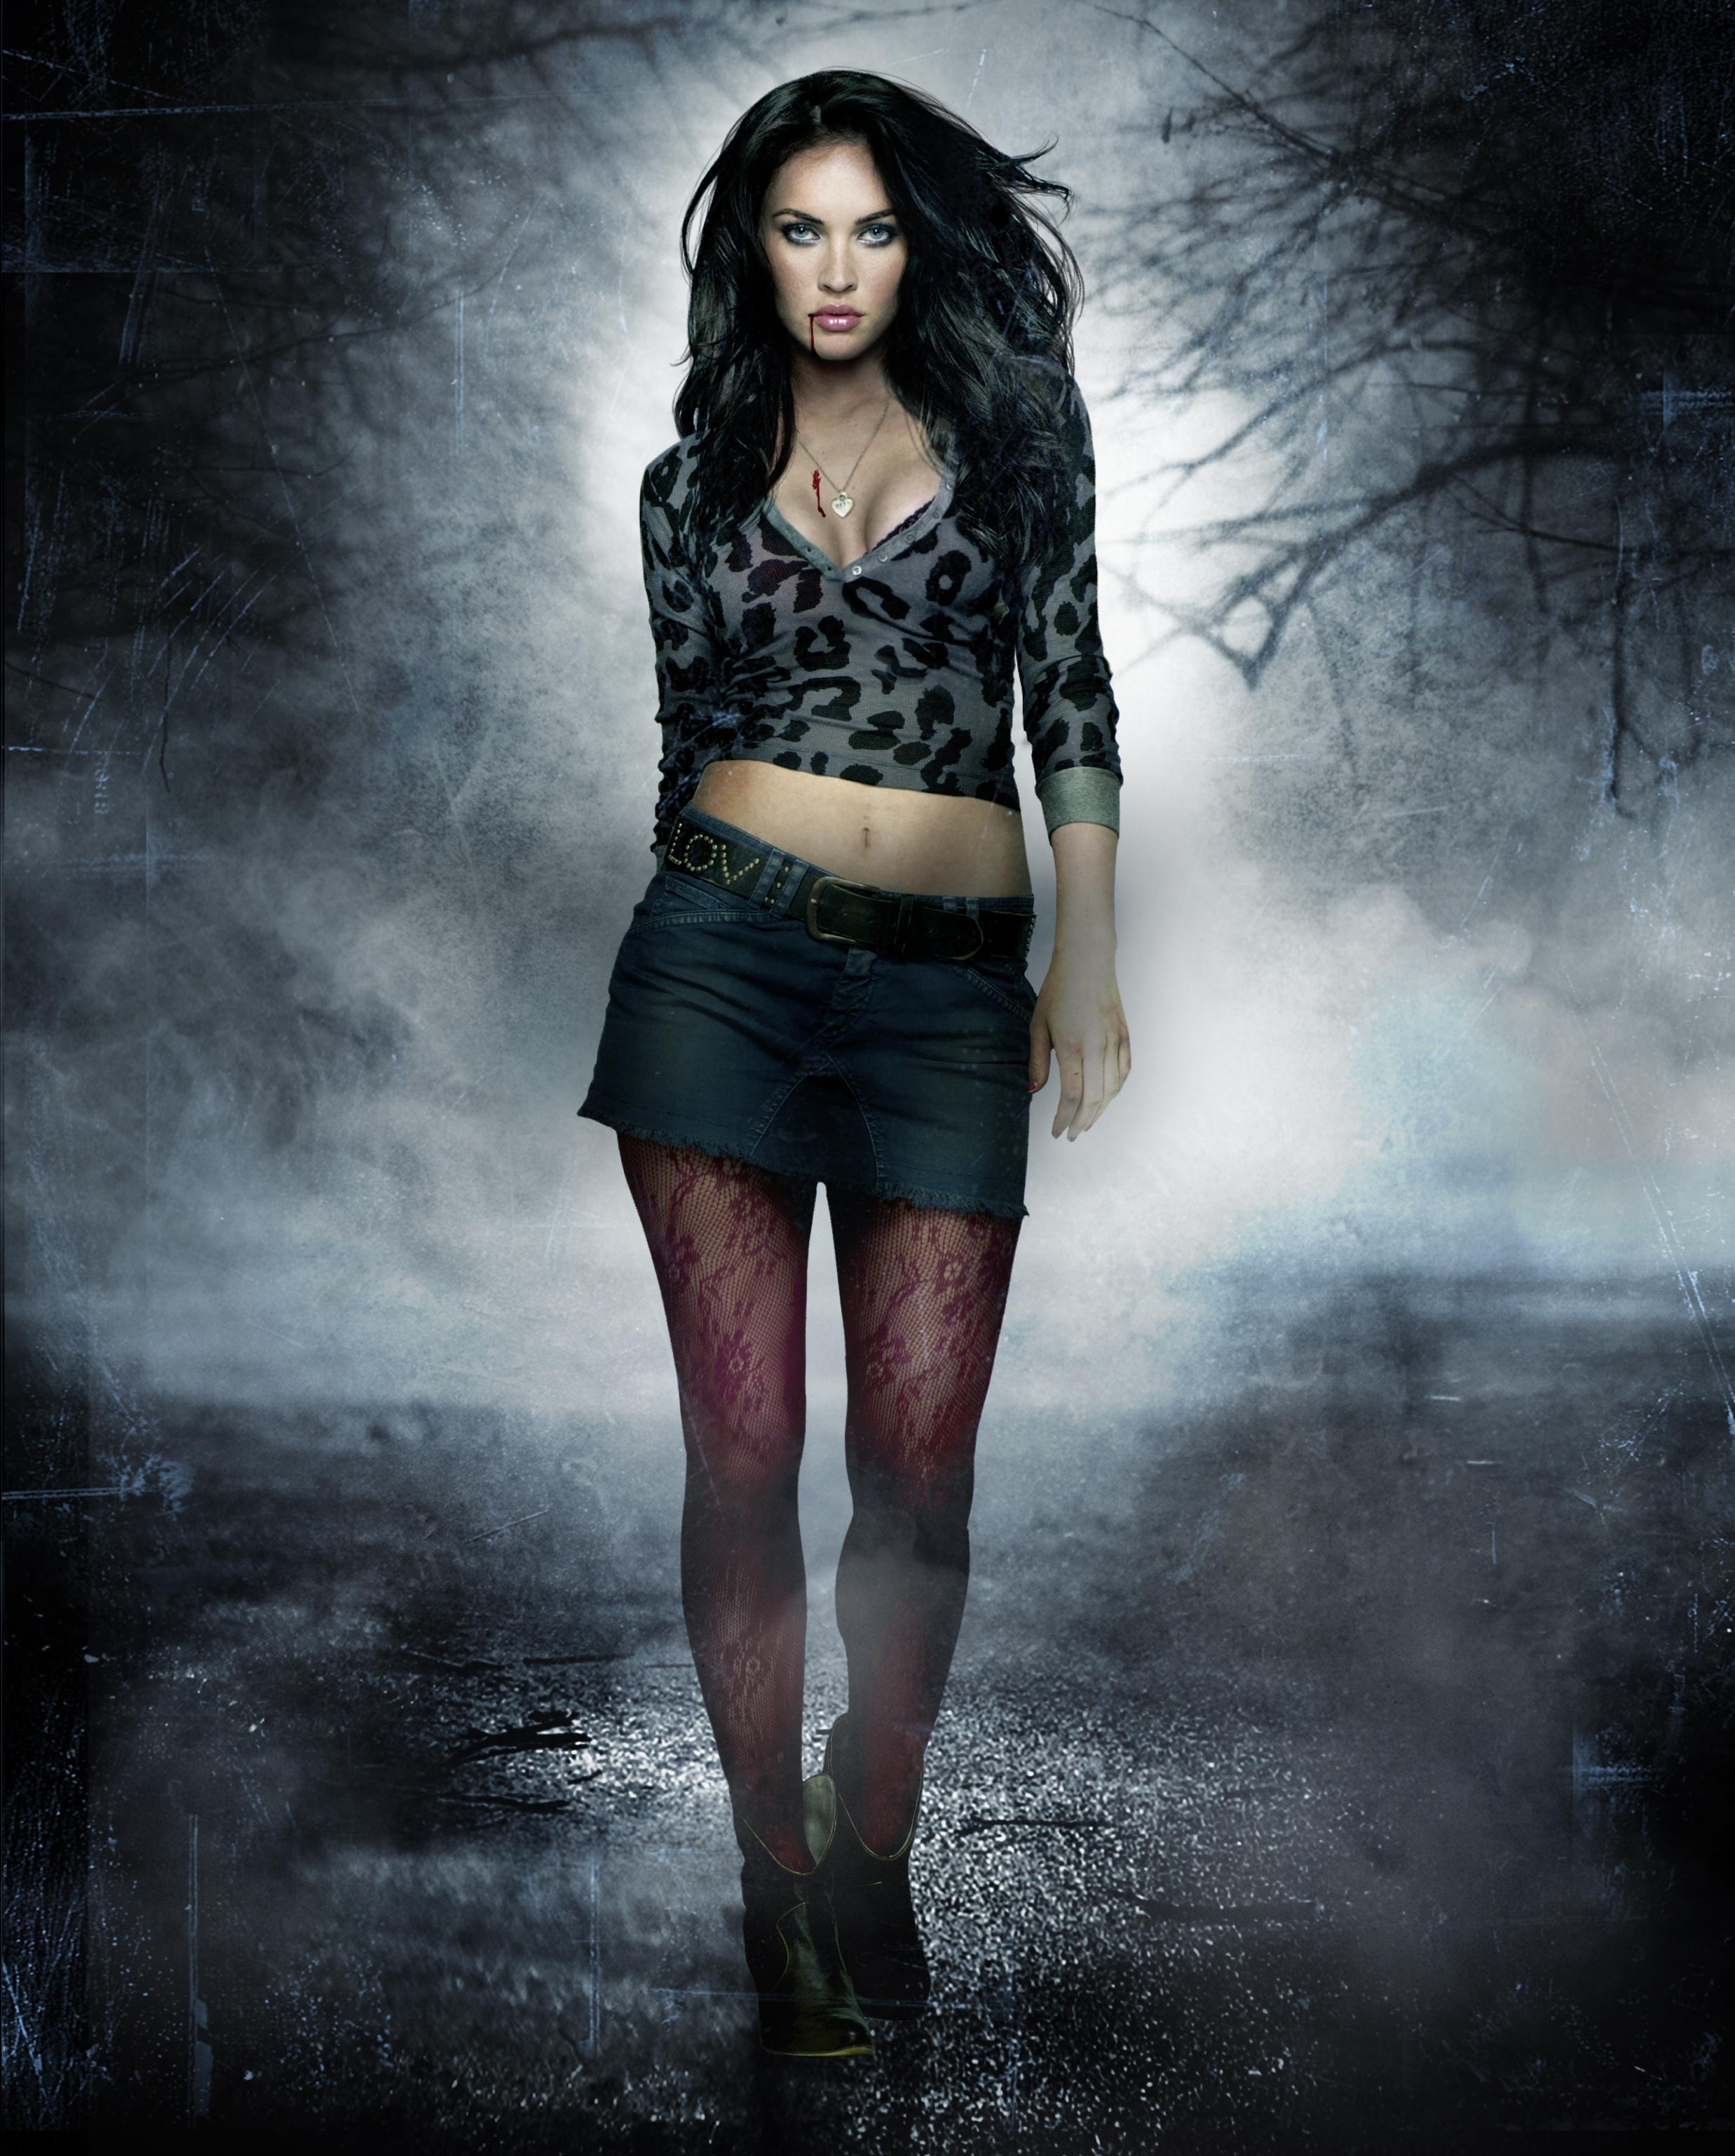 Megan Fox Photo 885 Of 11607 Pics Wallpaper Photo